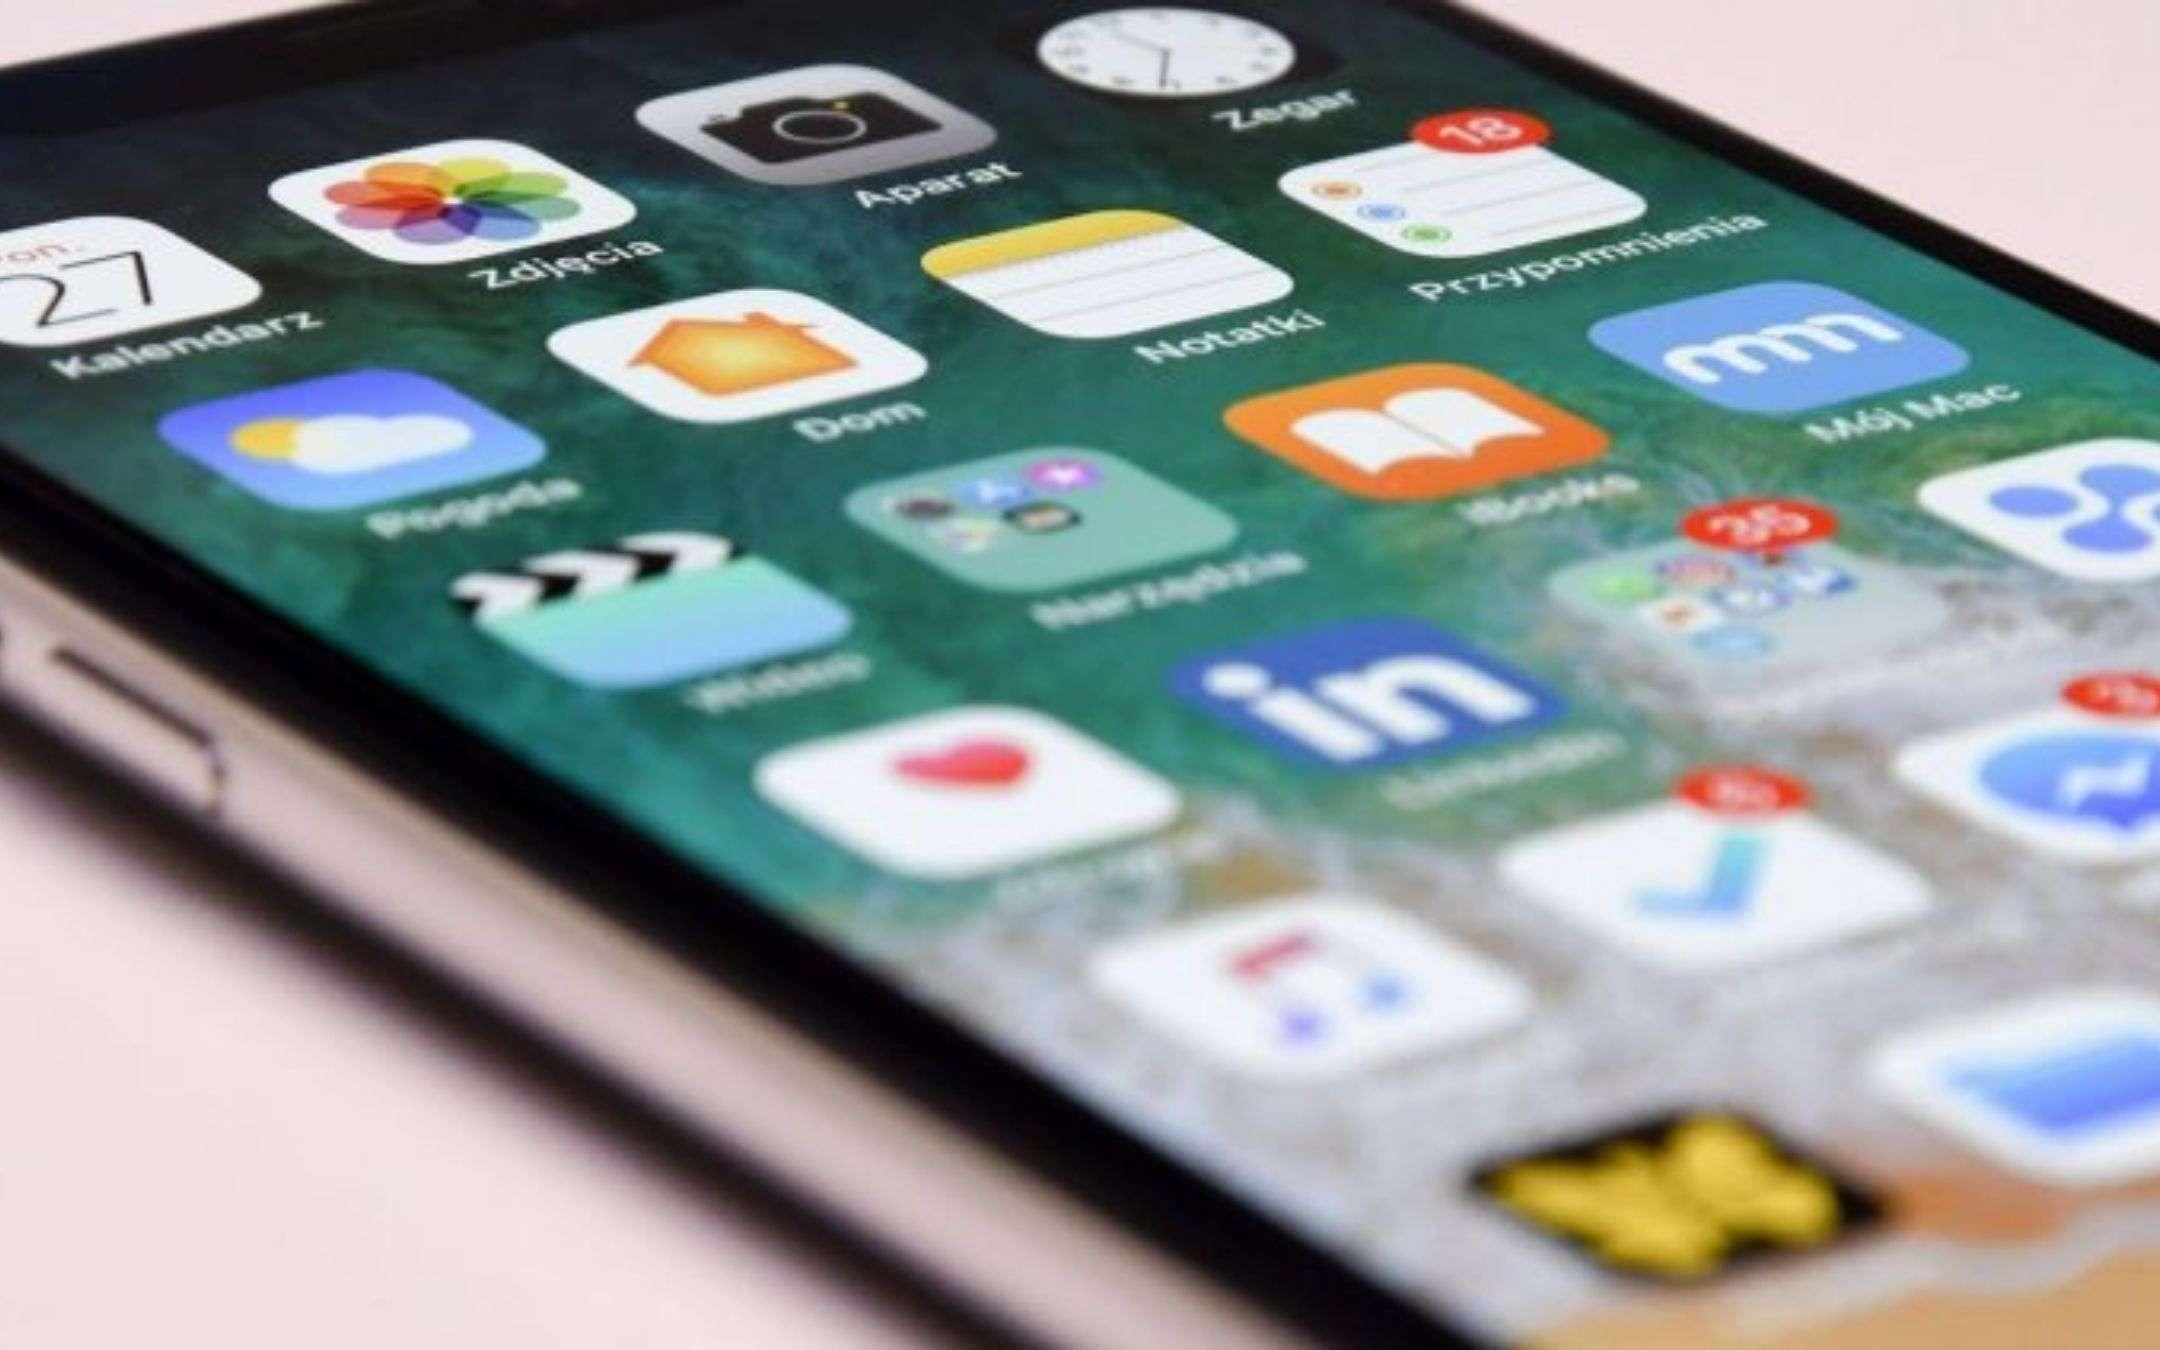 Aggiornate SUBITO i vostri VECCHI iPhone e iPad